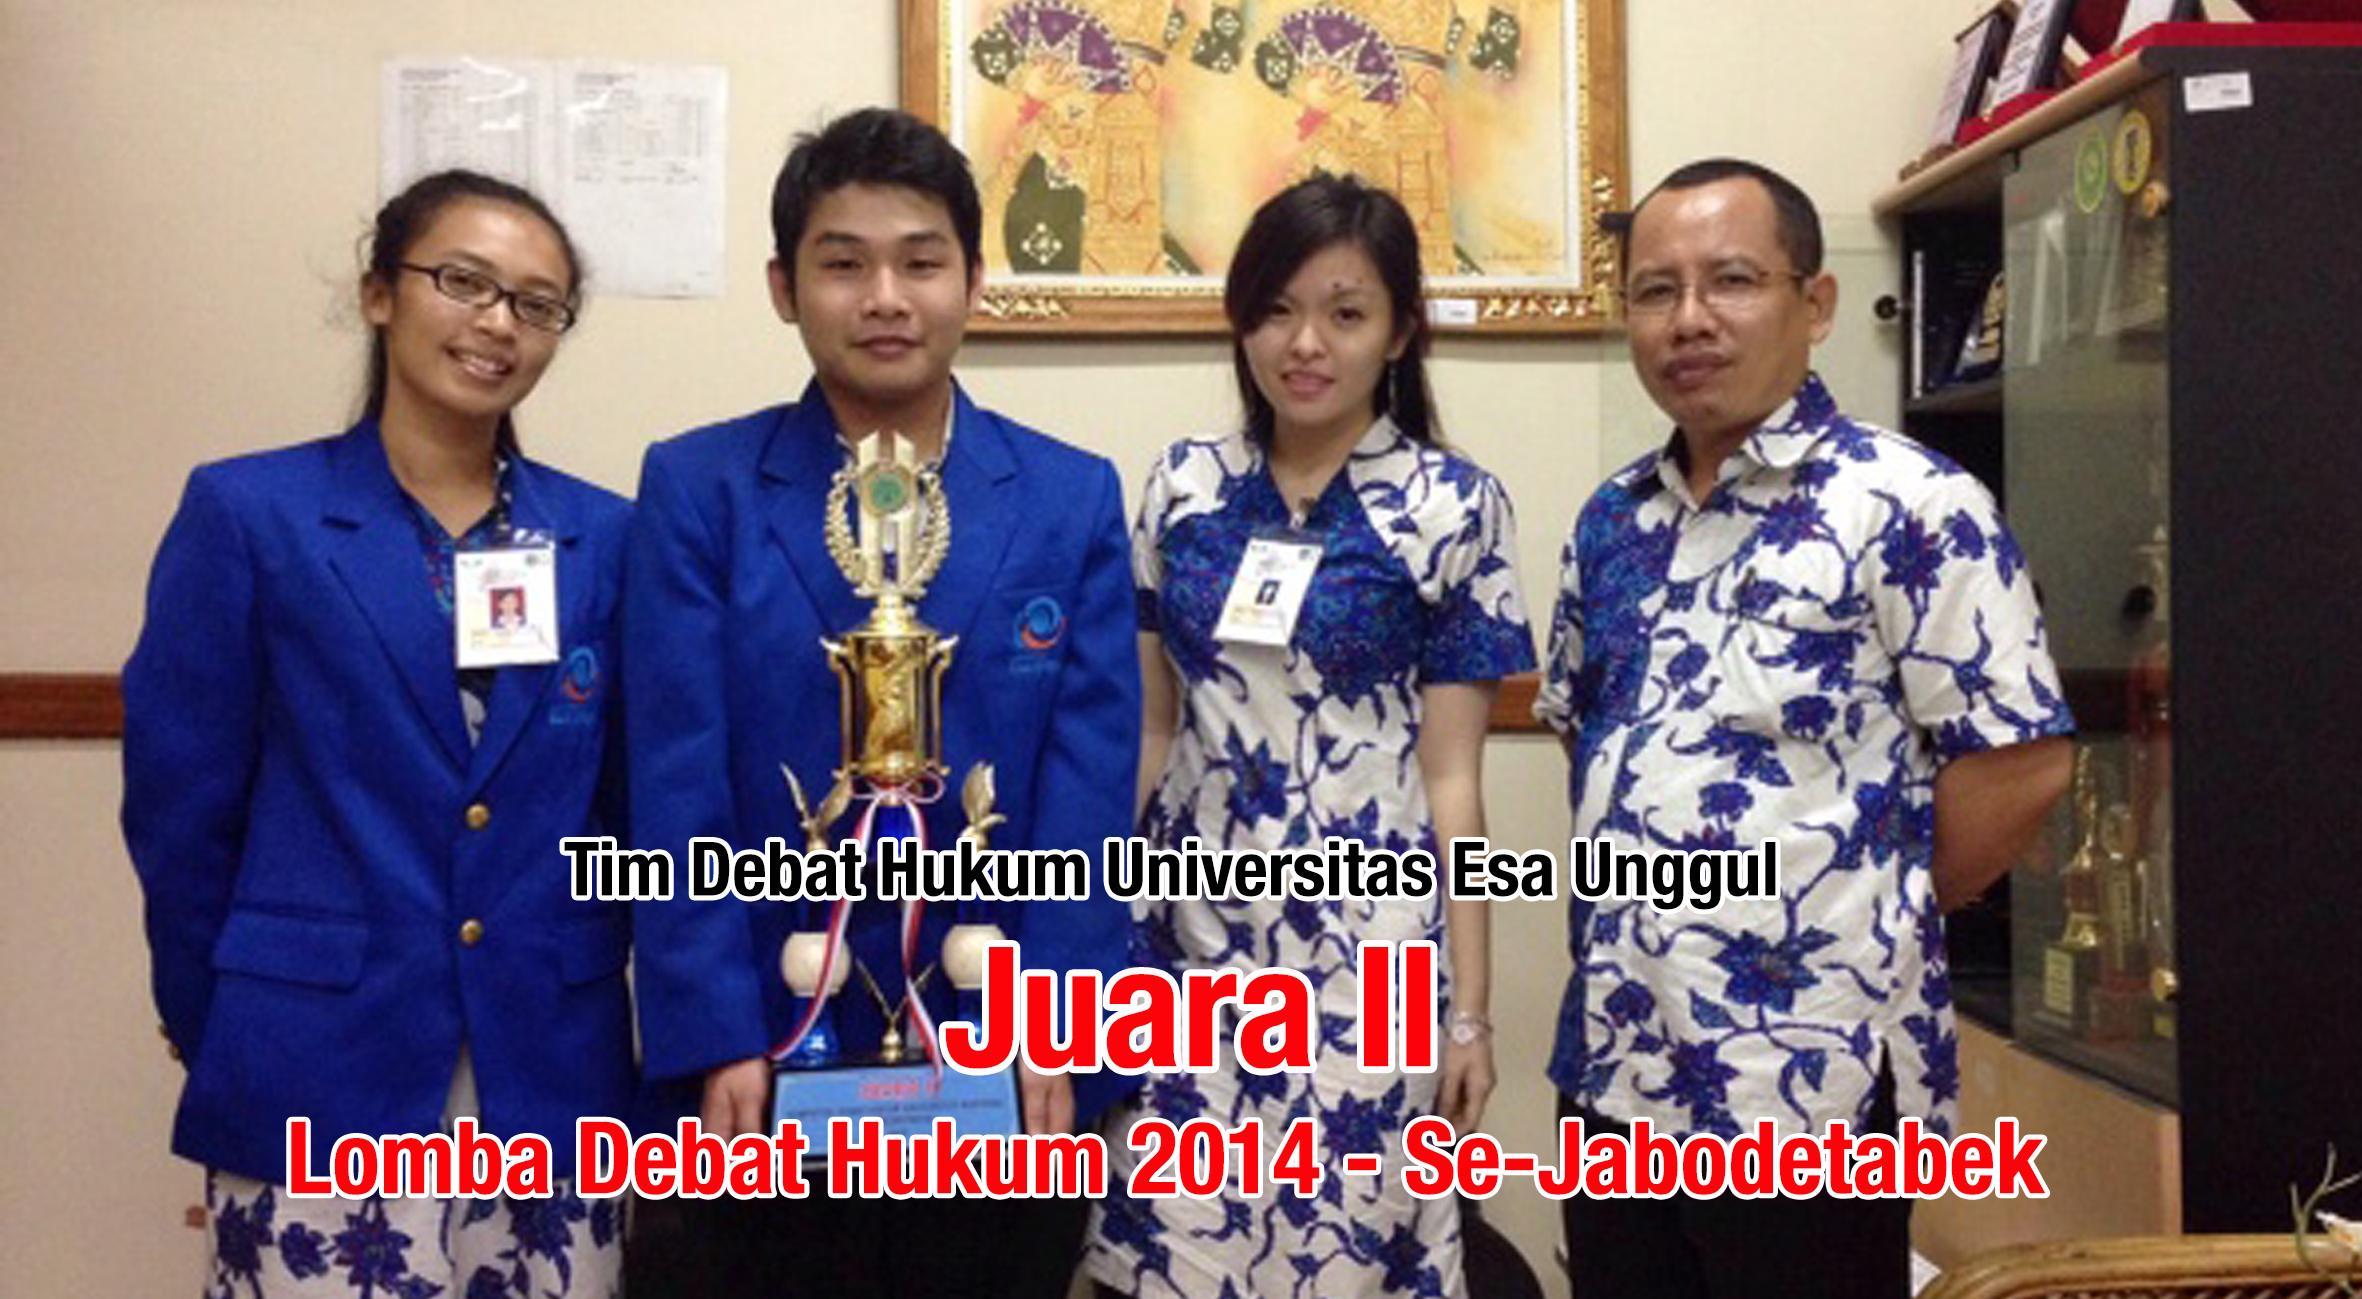 Tim Debat Hukum Universitas Esa Unggul meraih Juara II dalam Lomba Debat Hukum 2014 Se-Jabodetabek